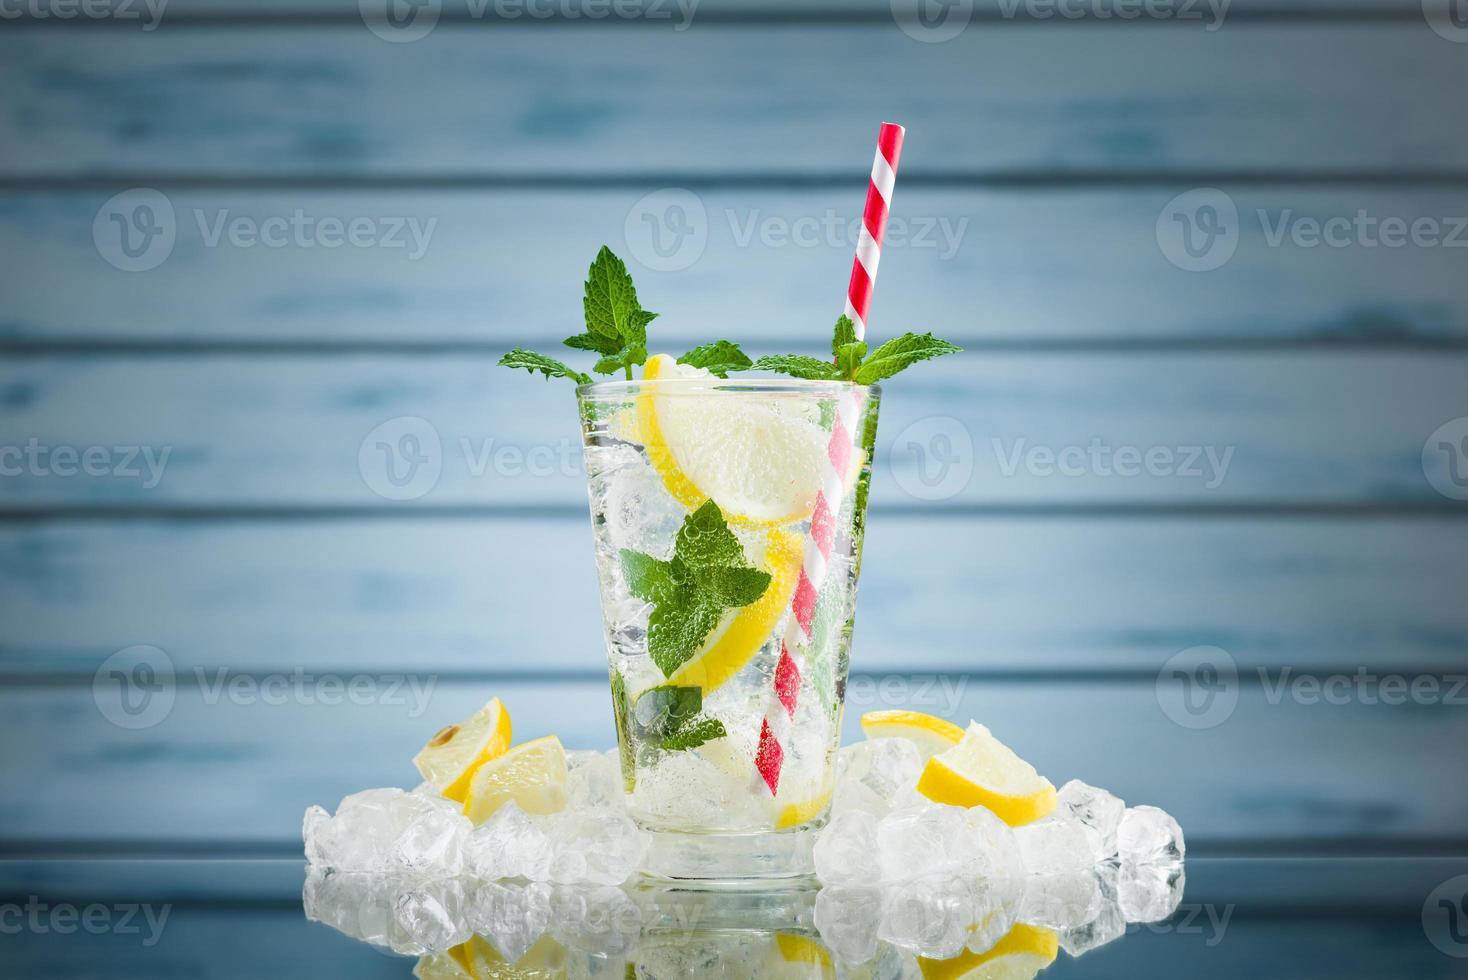 Zitronenwasser im Glas auf blauem hölzernem Hintergrund foto